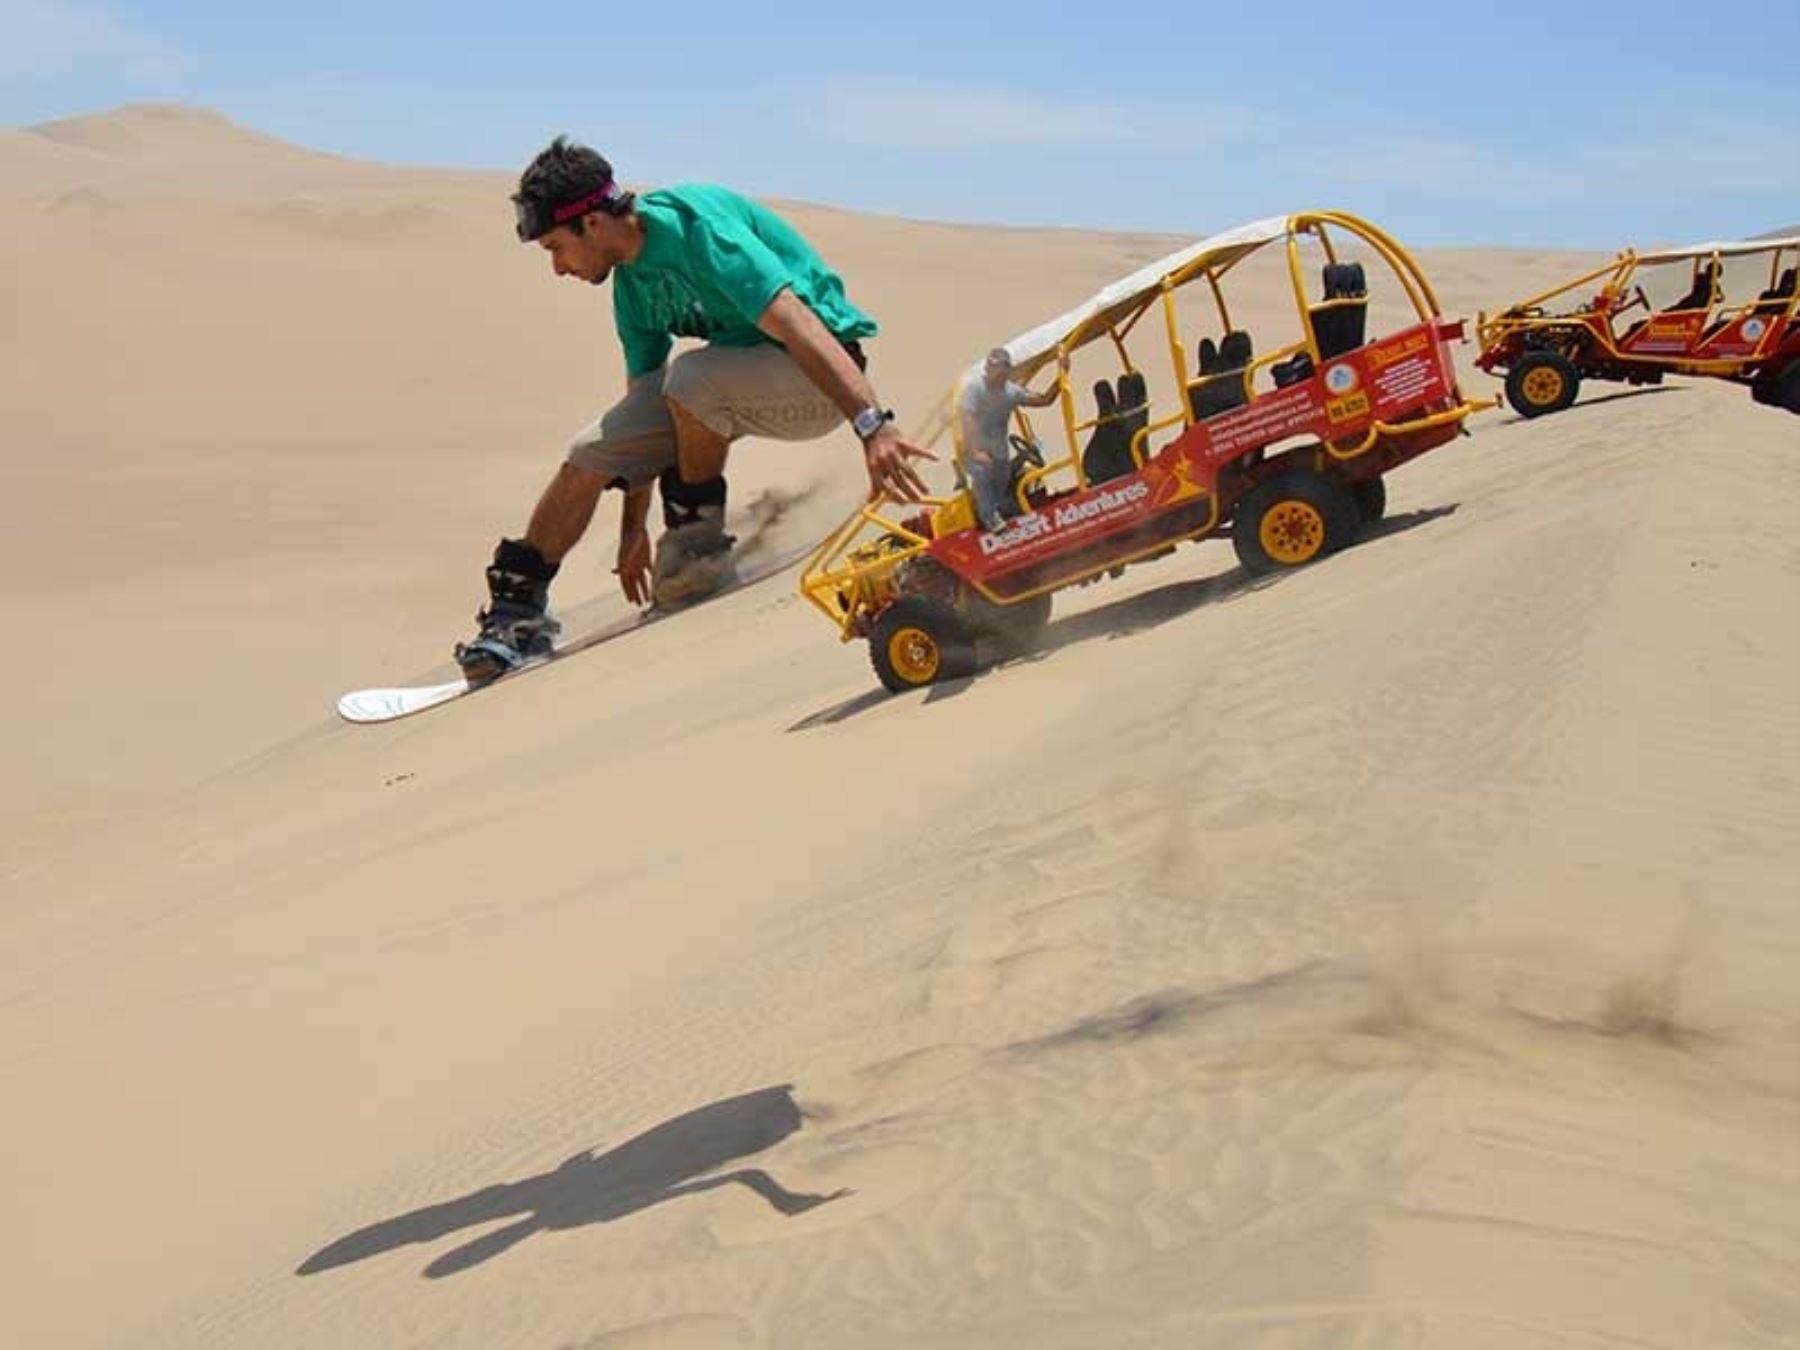 """El Perú ostenta espectaculares paisajes, como las dunas de Ica, que atraen cada vez más a visitantes de todo el mundo interesados en vivir una experiencia de aventura inolvidable mediante la práctica del """"Sandboard"""" y el paseo en autos tubulares. ANDINA/Difusión"""